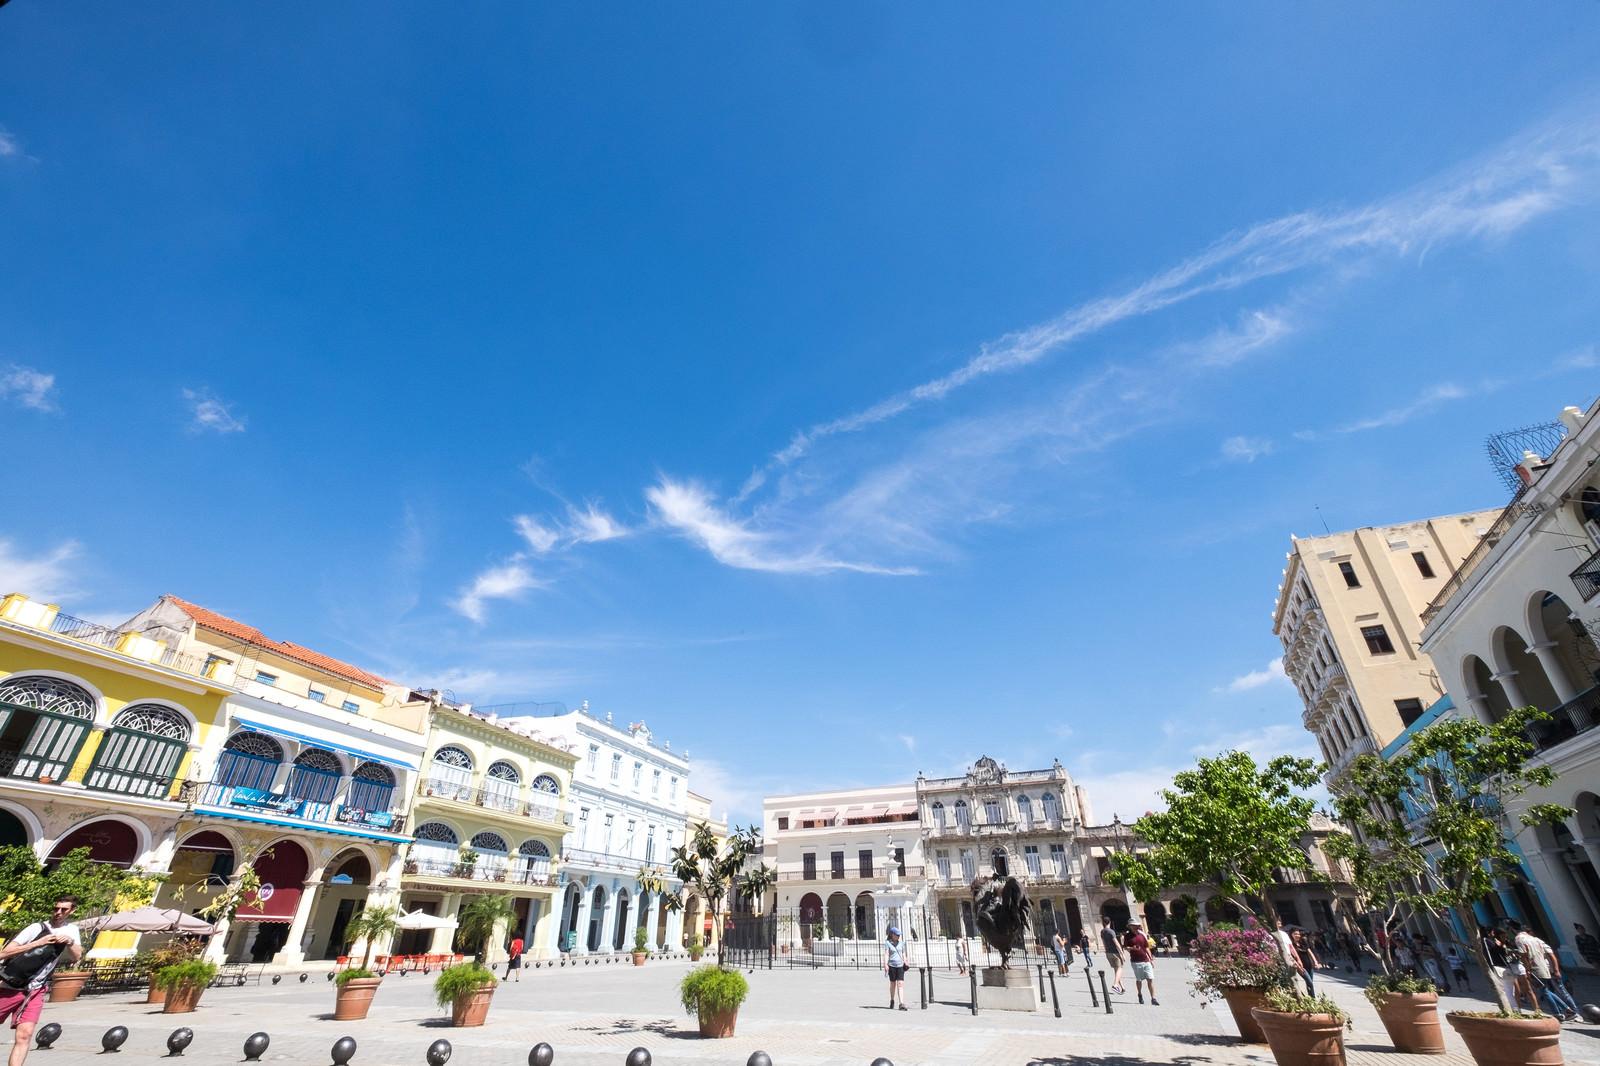 「青空とハバナ(キューバ)の市街地青空とハバナ(キューバ)の市街地」のフリー写真素材を拡大